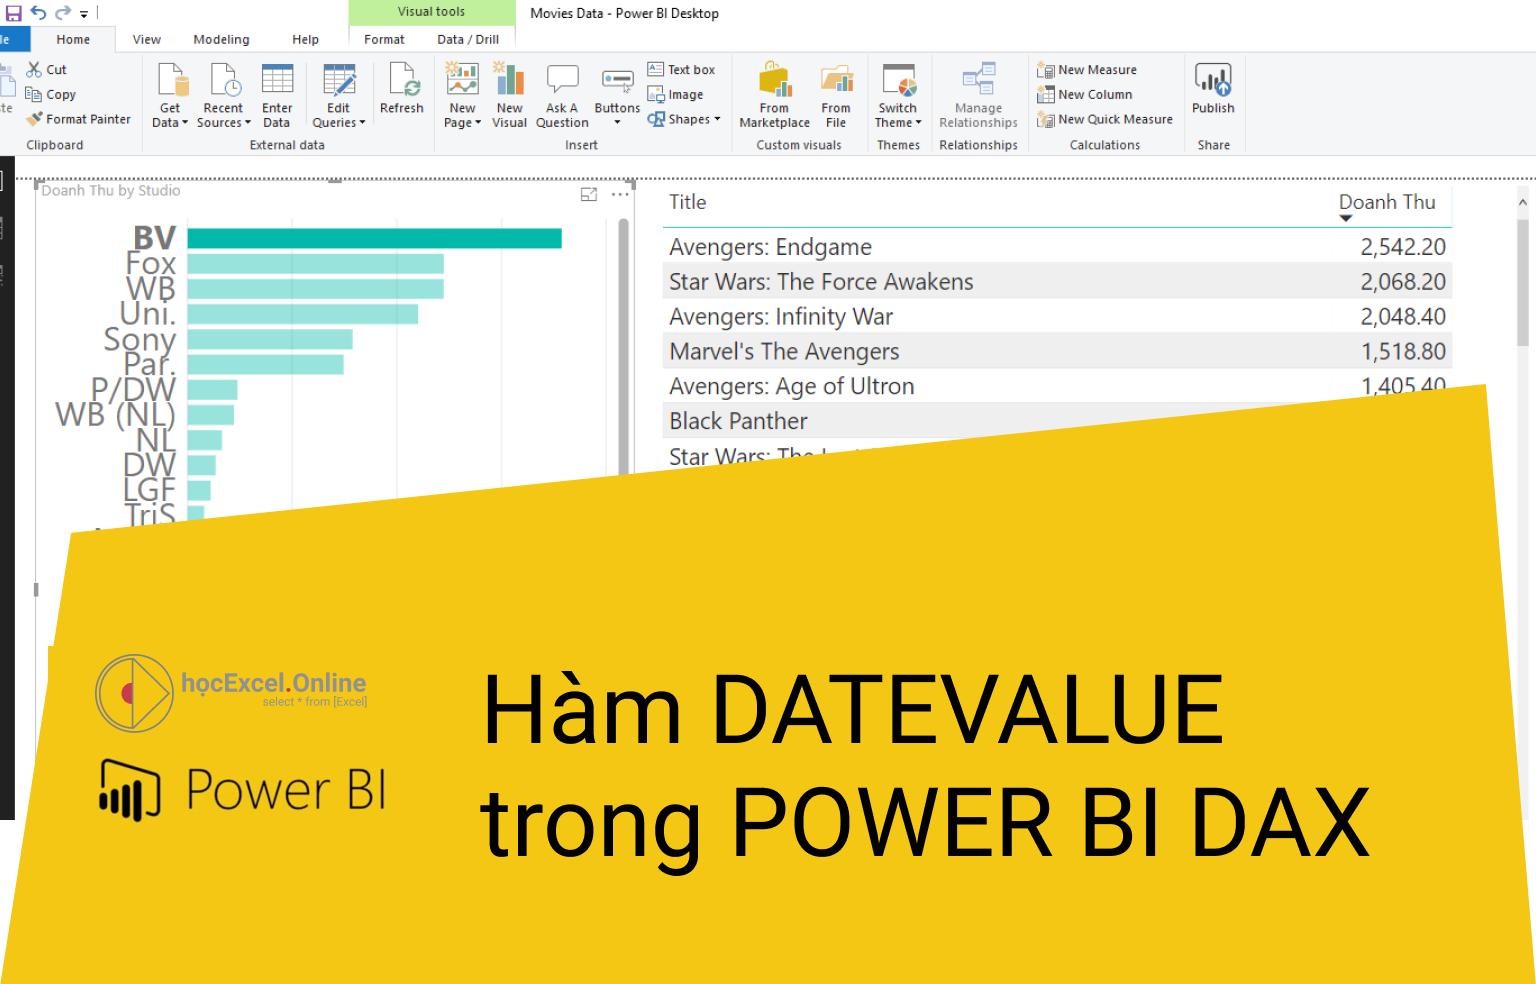 Hàm DATEVALUE trong Power BI DAX - Học Excel Online Miễn Phí